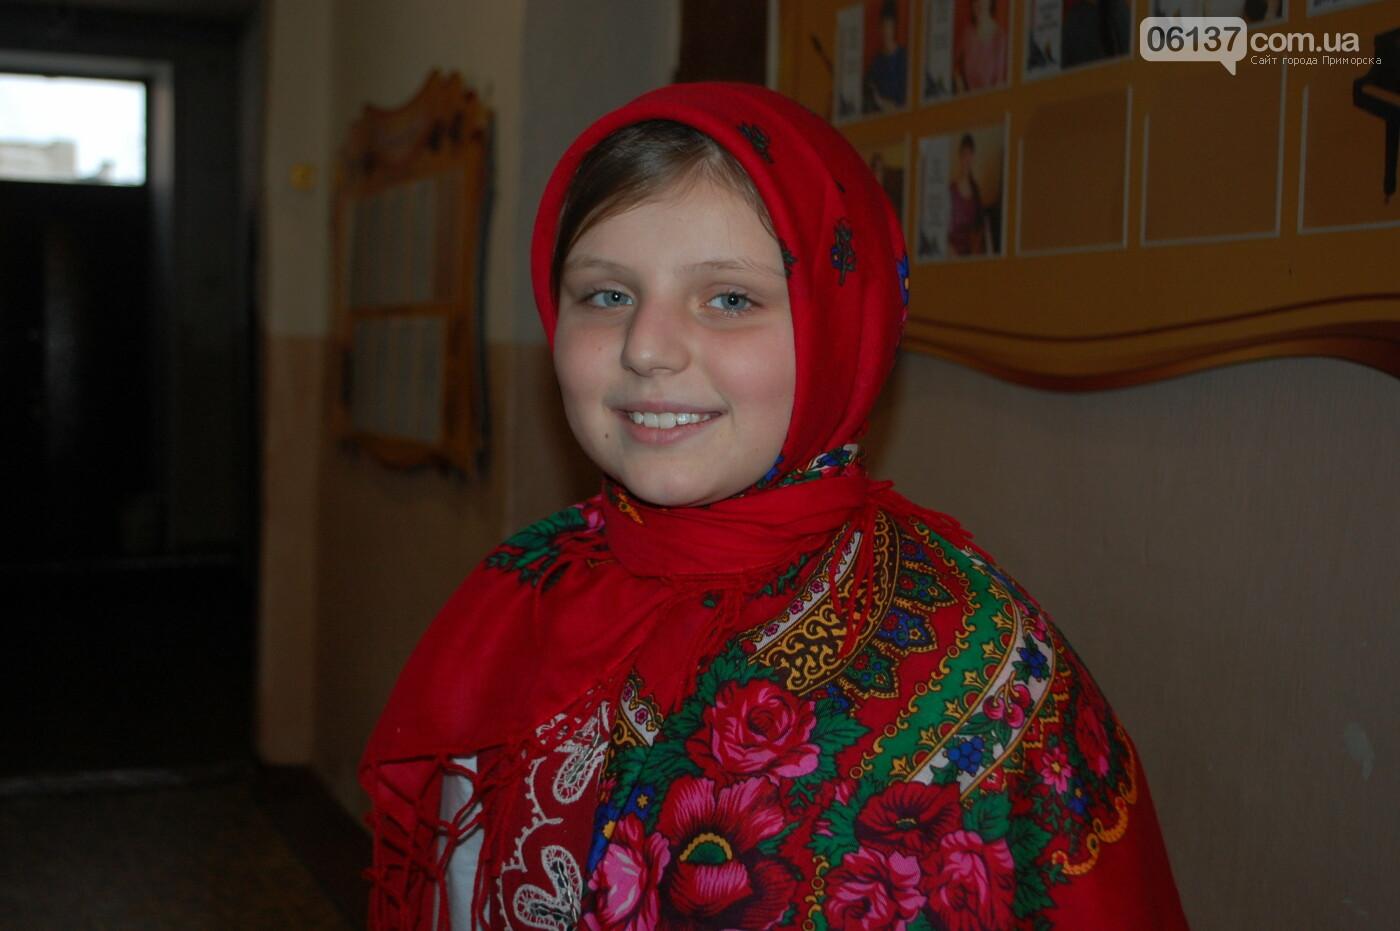 Прекрасна Снігуронька в дитячих серцях та творчості, фото-2